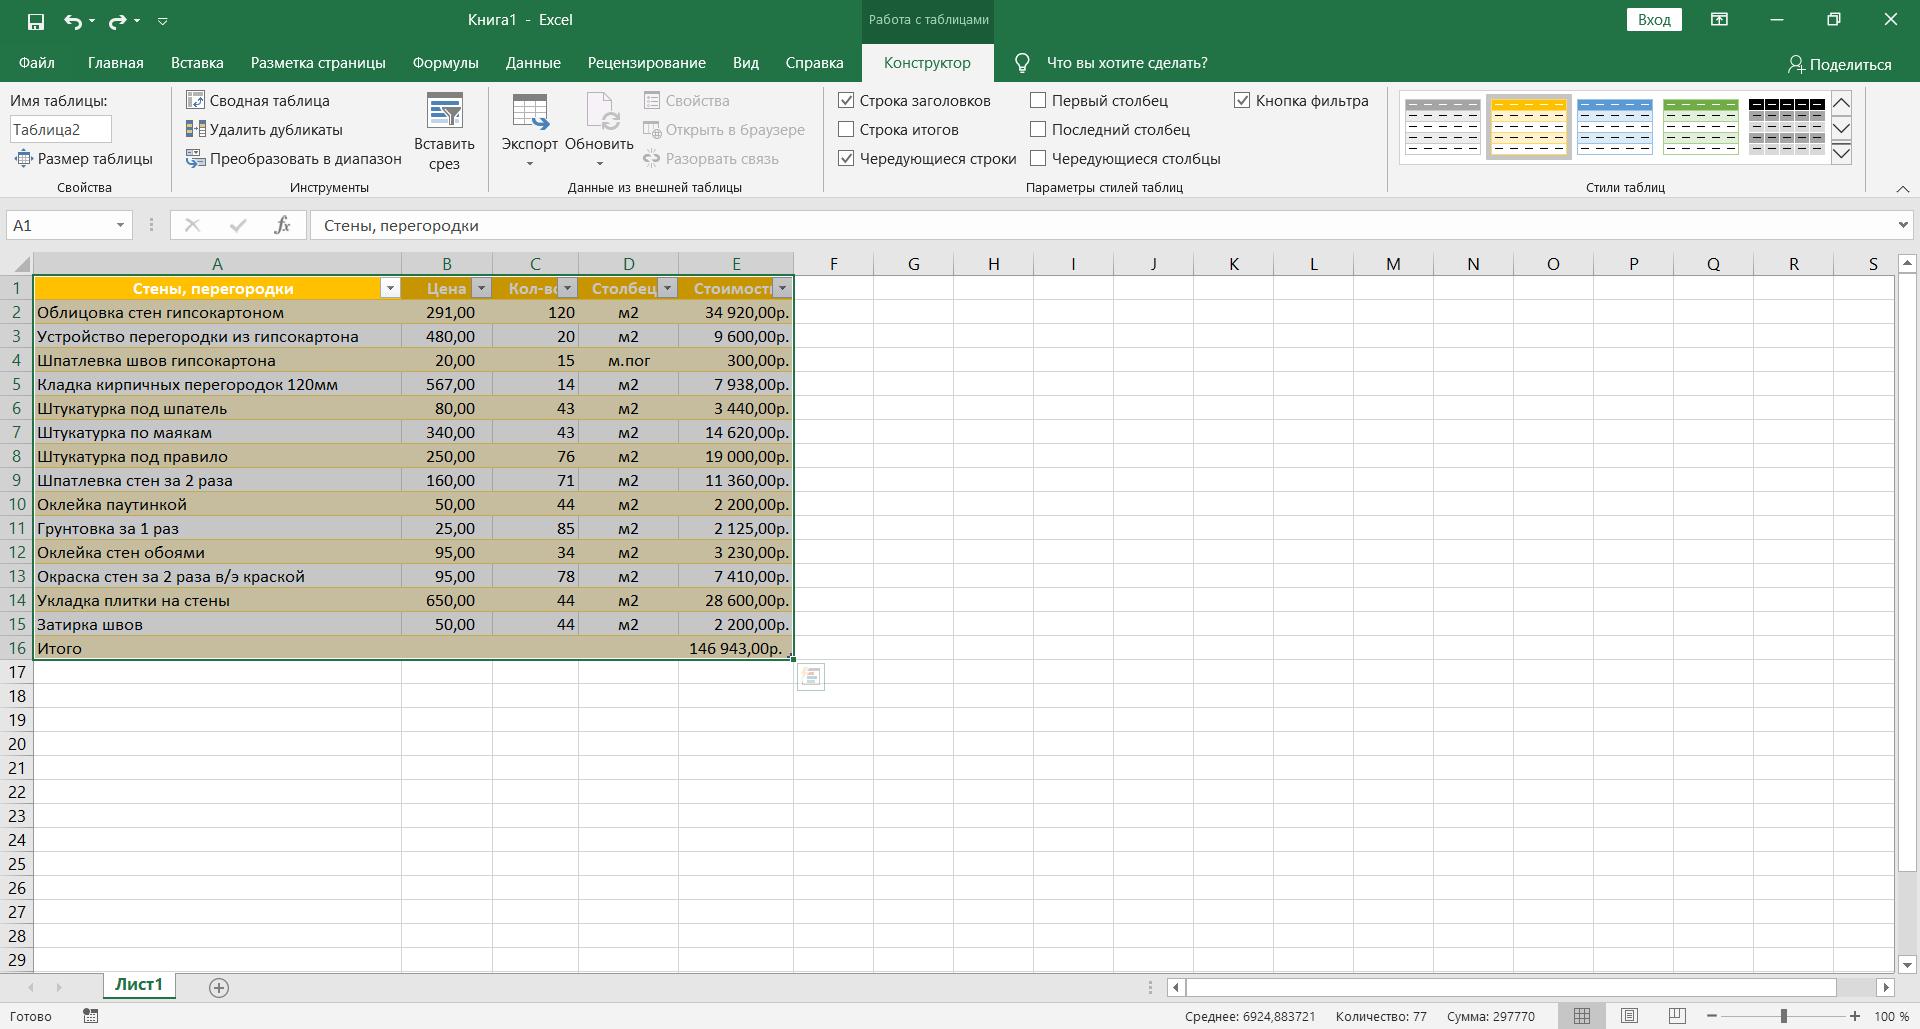 Как создать таблицу в Эксель: Выбор стиля форматирования таблицы Эксель